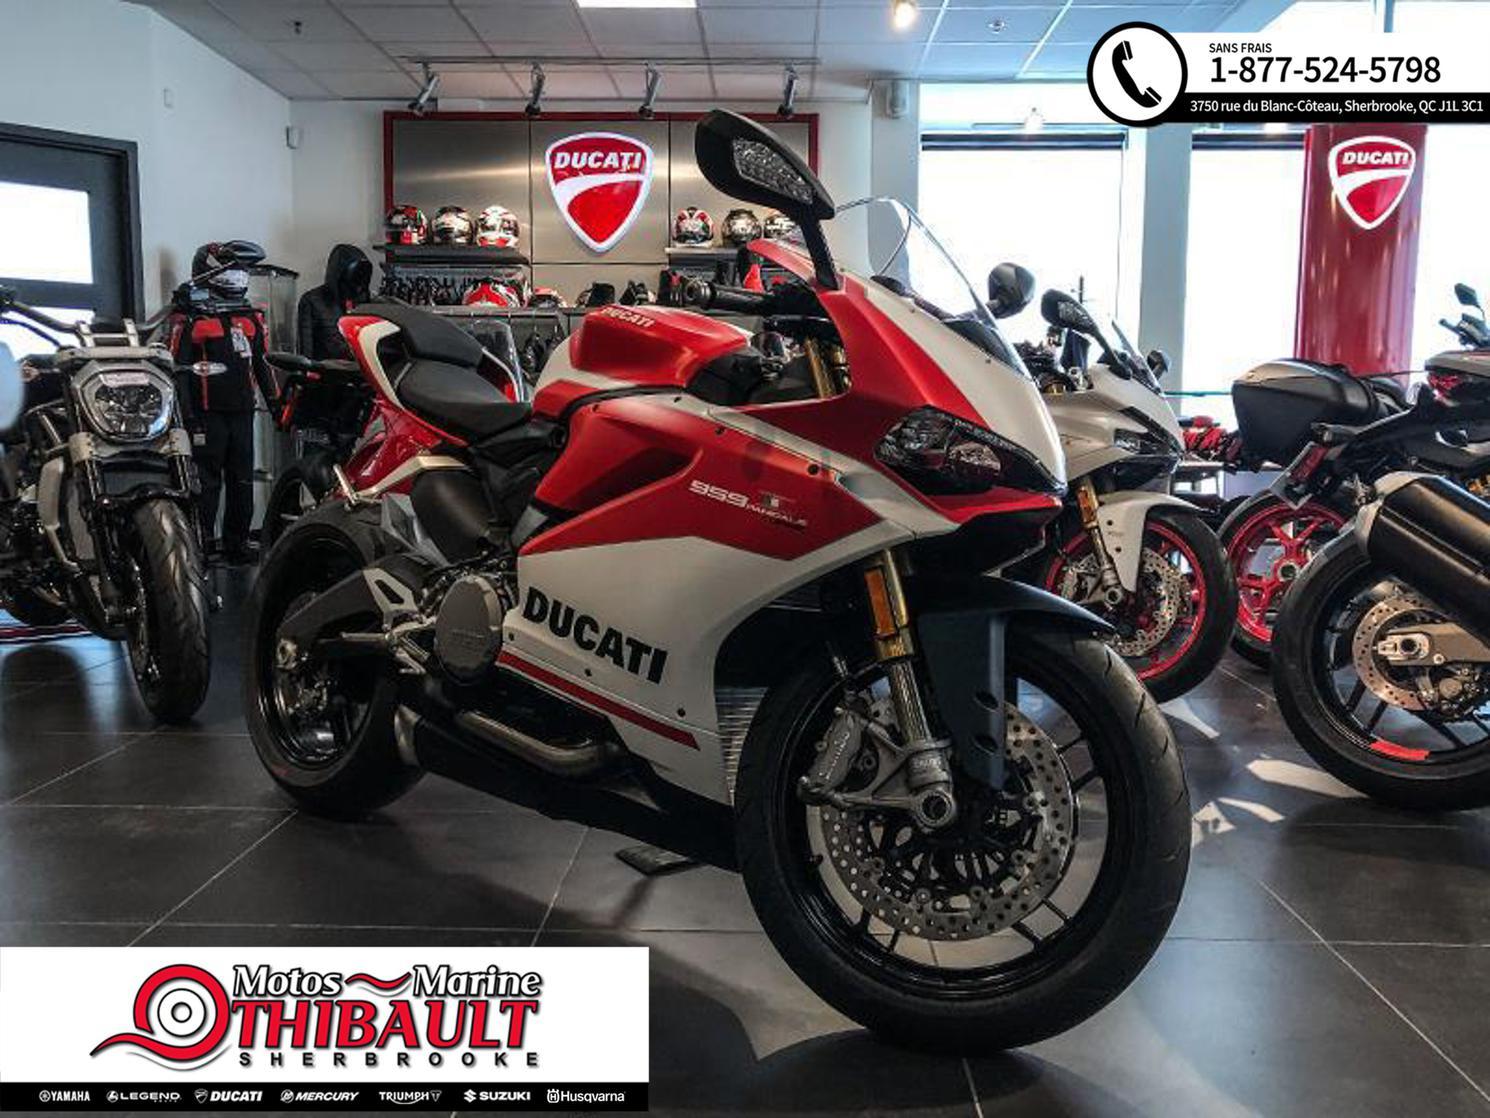 Ducati 959 Panigale - Ducati 959 Panigale Corse 2019